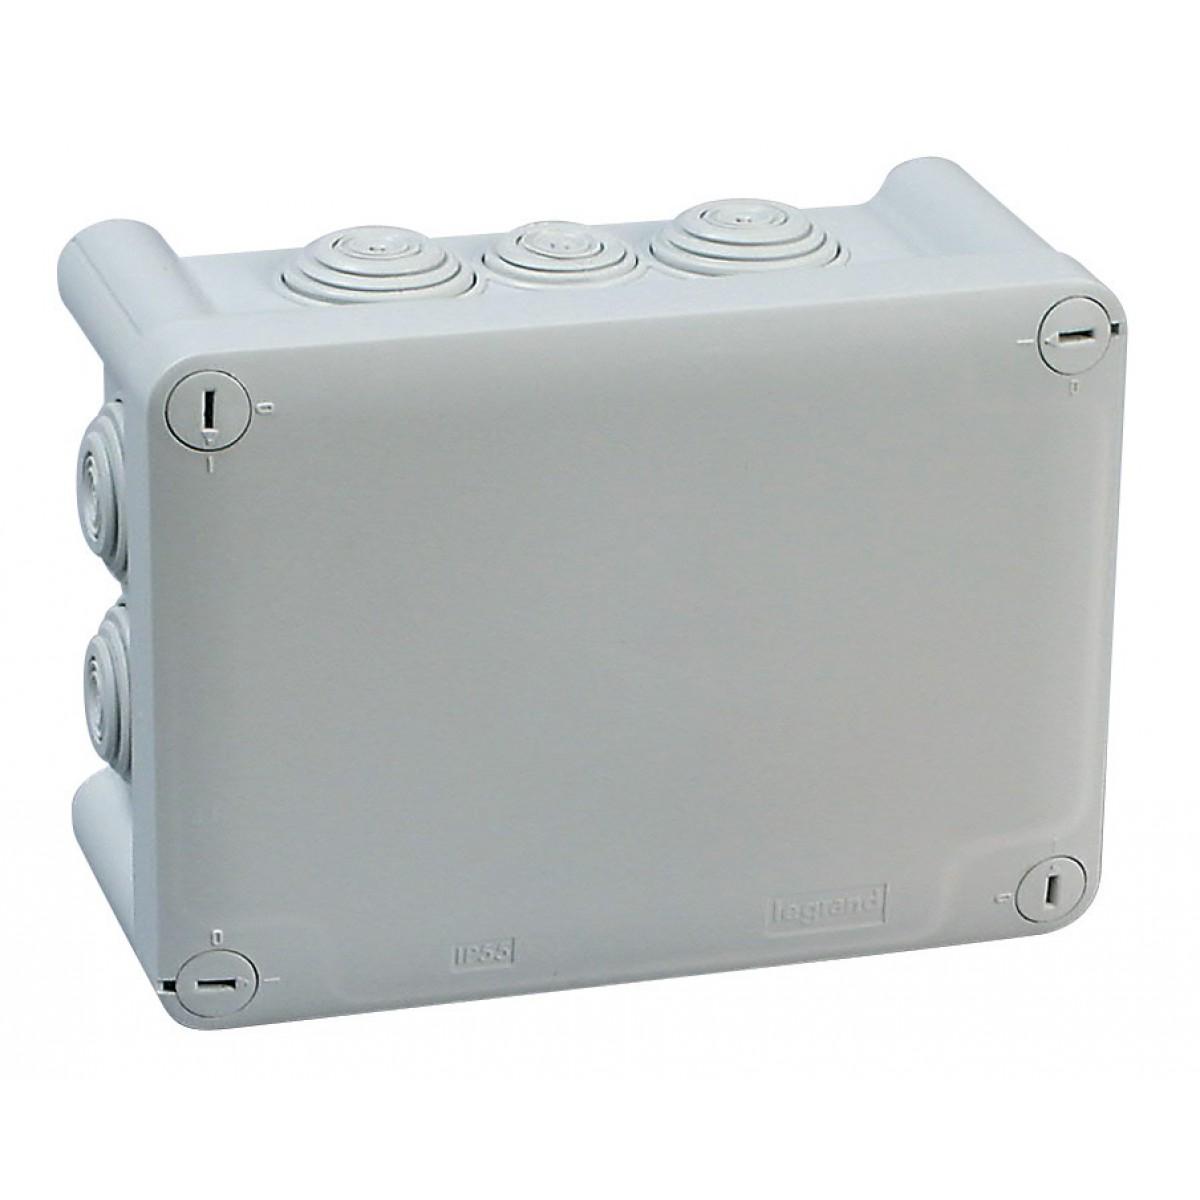 Boîte de dérivation Plexo rectangulaire Legrand - 10 entrées - Dimensions 155 x 110 x 74 mm